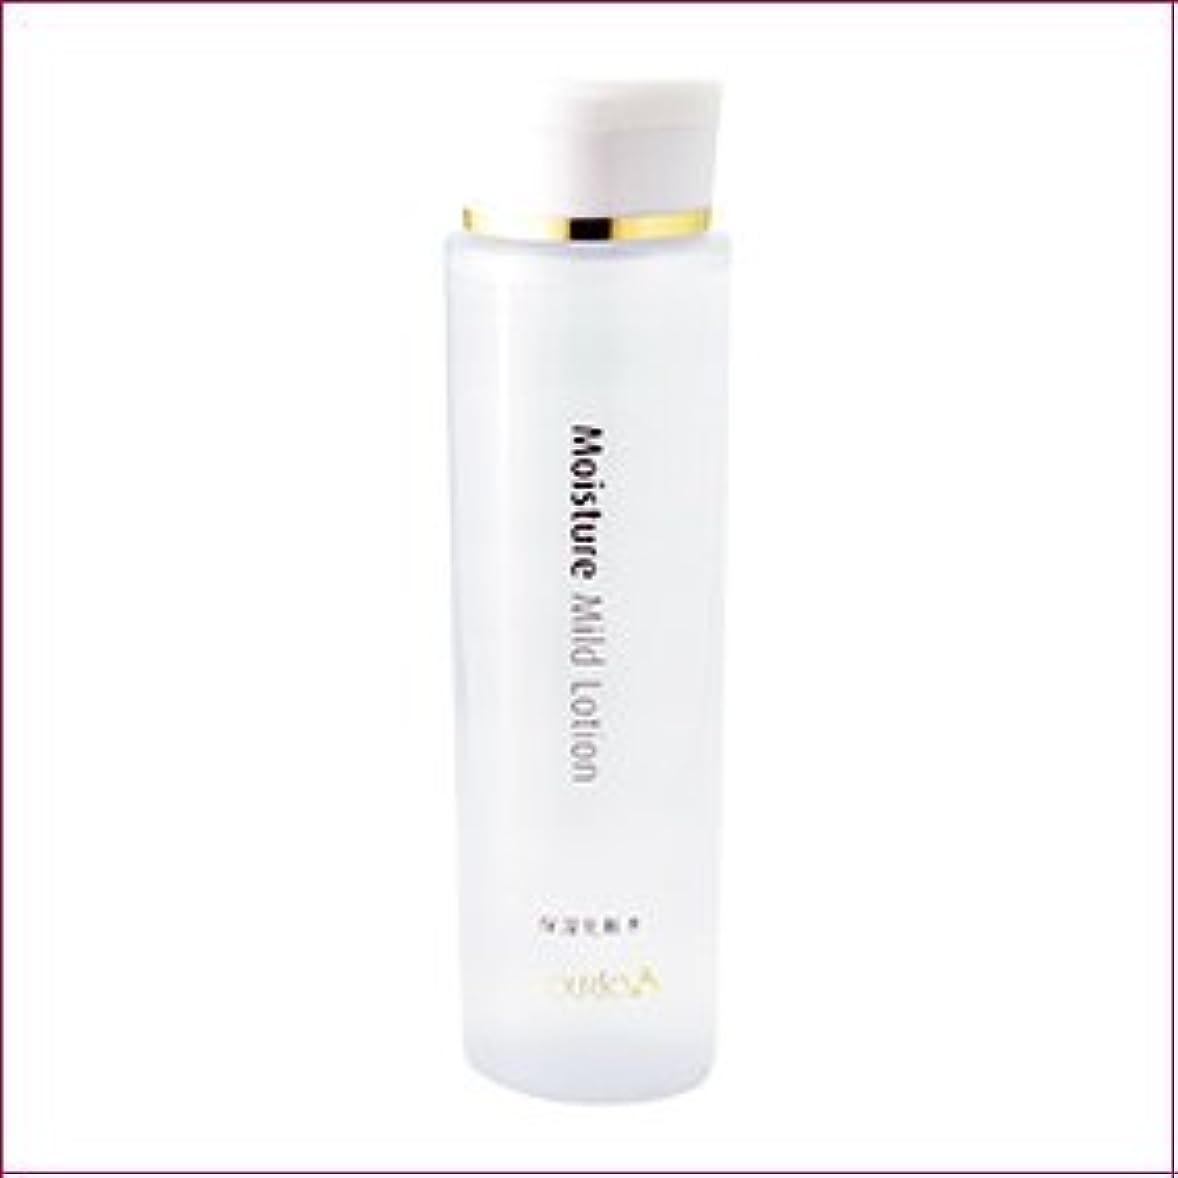 アイスクリームジョージスティーブンソン物質ポルトA 超しっとりタイプ モイスチャー保湿化粧水 R